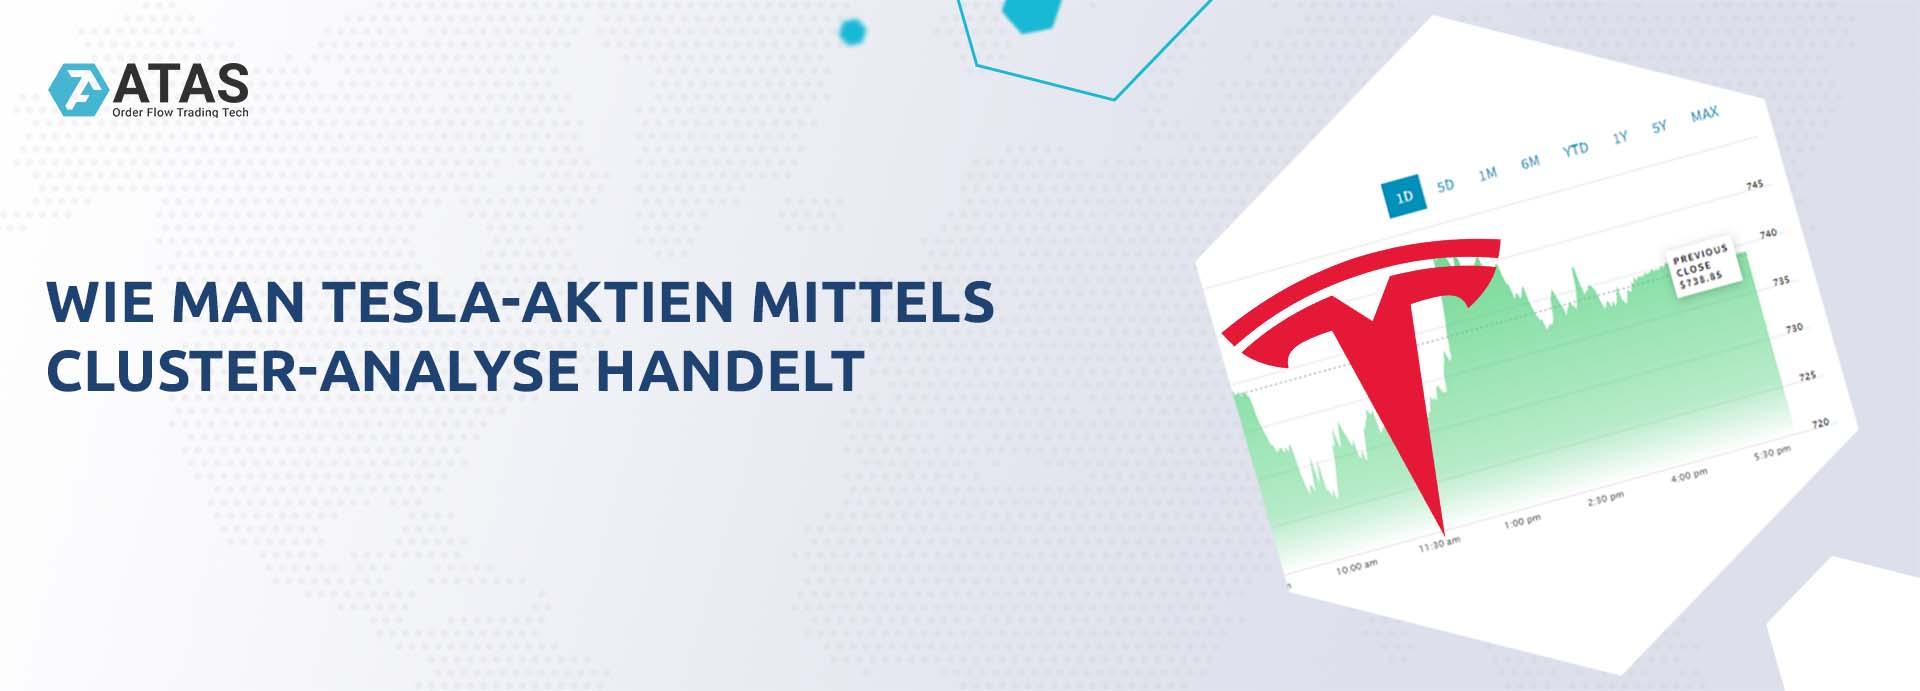 WIE MAN TESLA-AKTIEN MITTELS CLUSTER-ANALYSE HANDELT